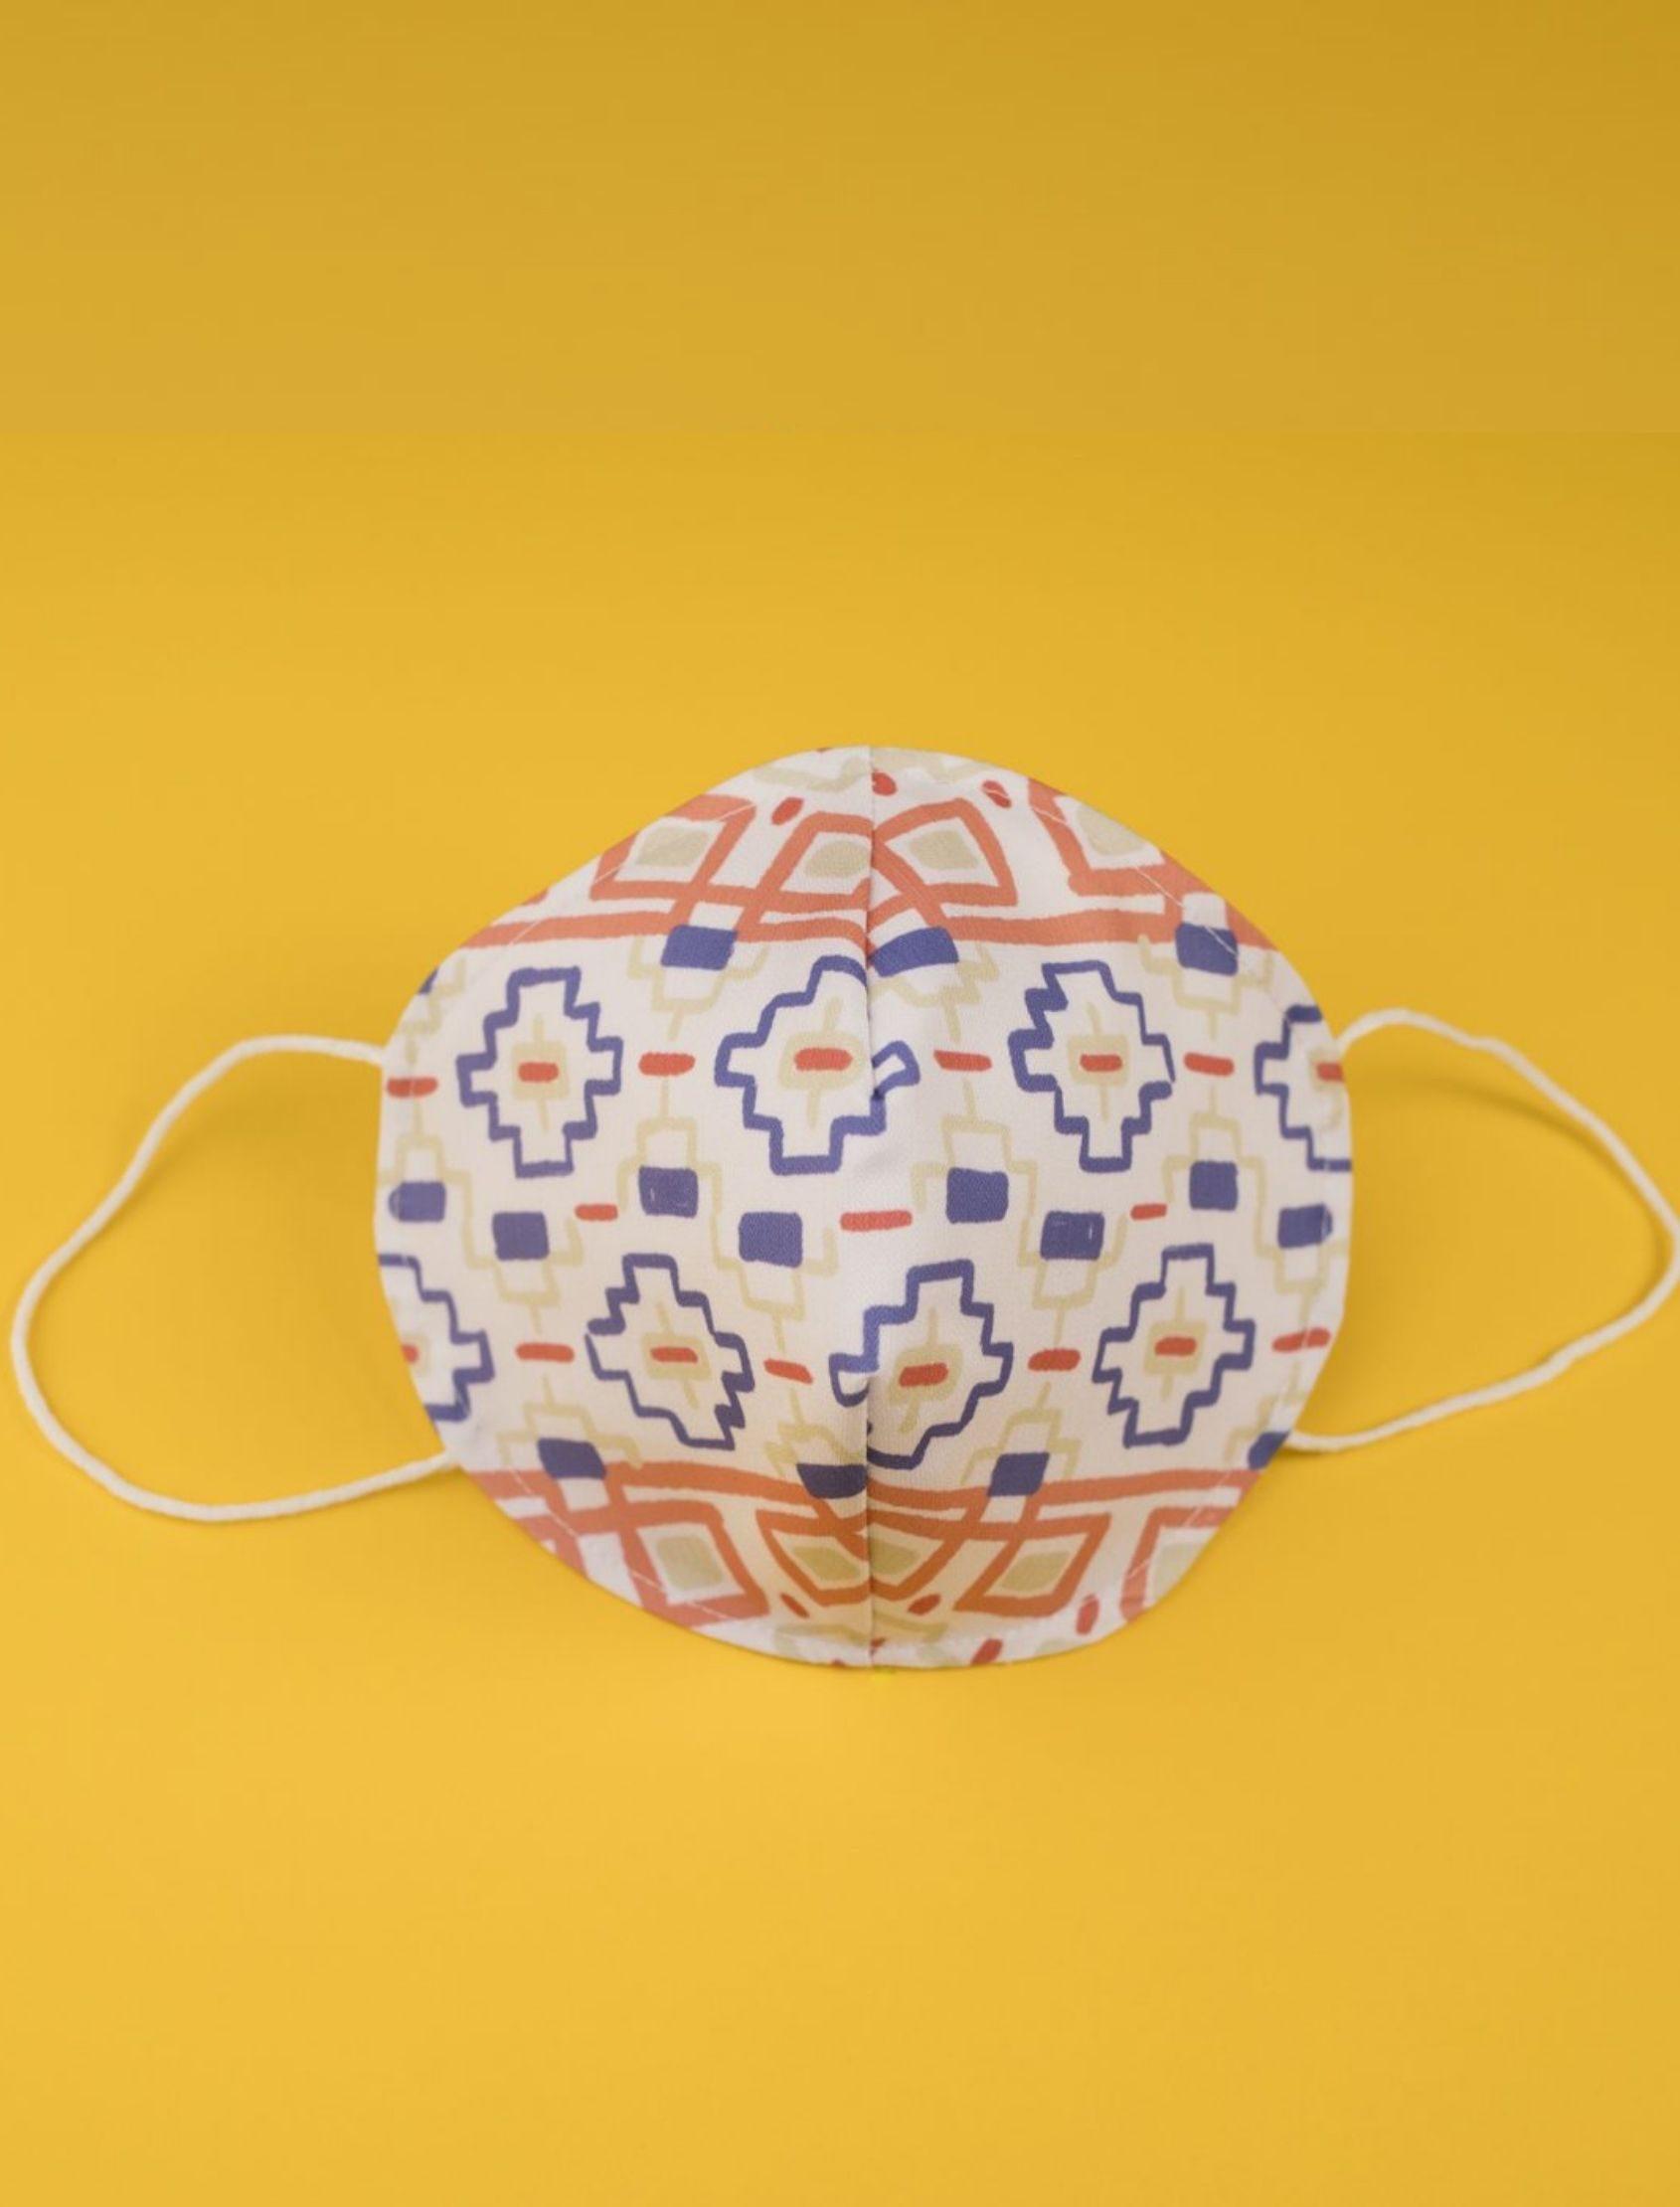 mascarilla para hombre axel con tejido 100% homologado y reutilizable. Estampado exclusivo de Cris Domínguez. Nako Mask.